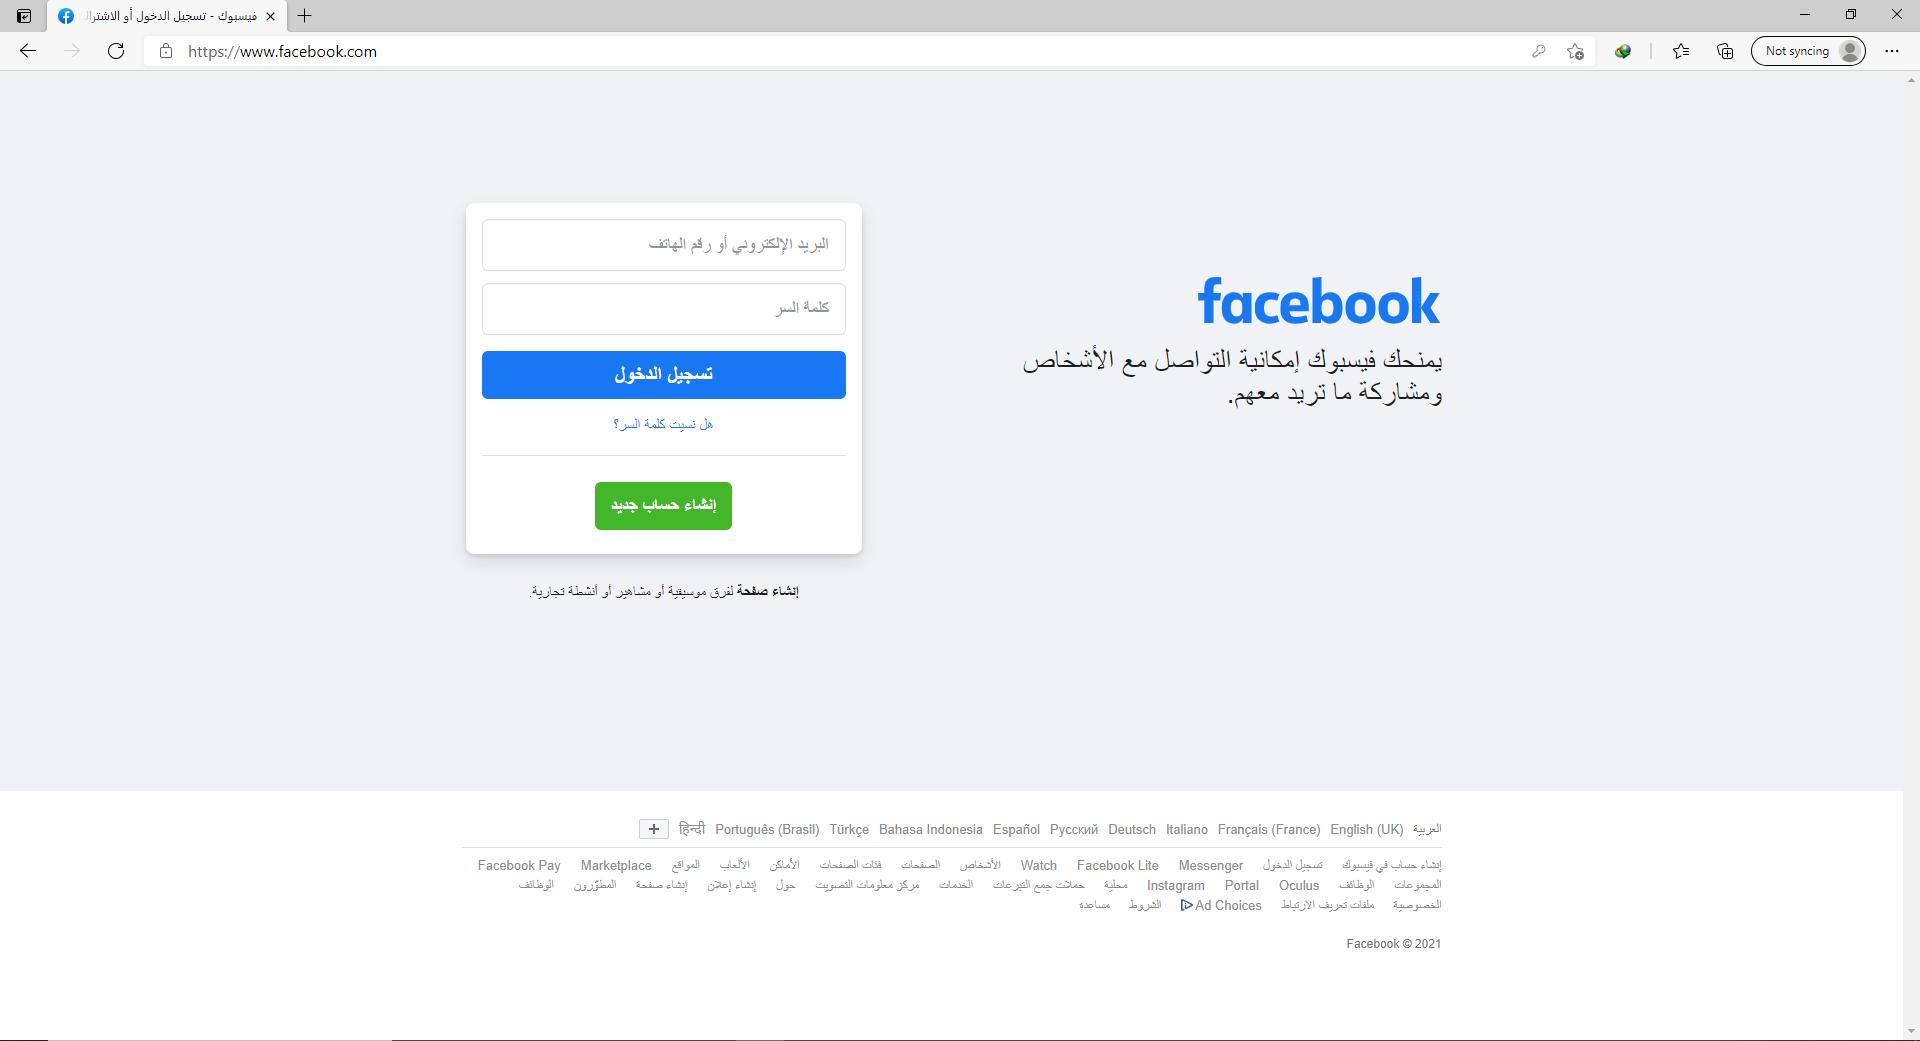 طريقة إنشاء حساب فيس بوك عن طريق المتصفح ( كمبيوتر او لاب توب )